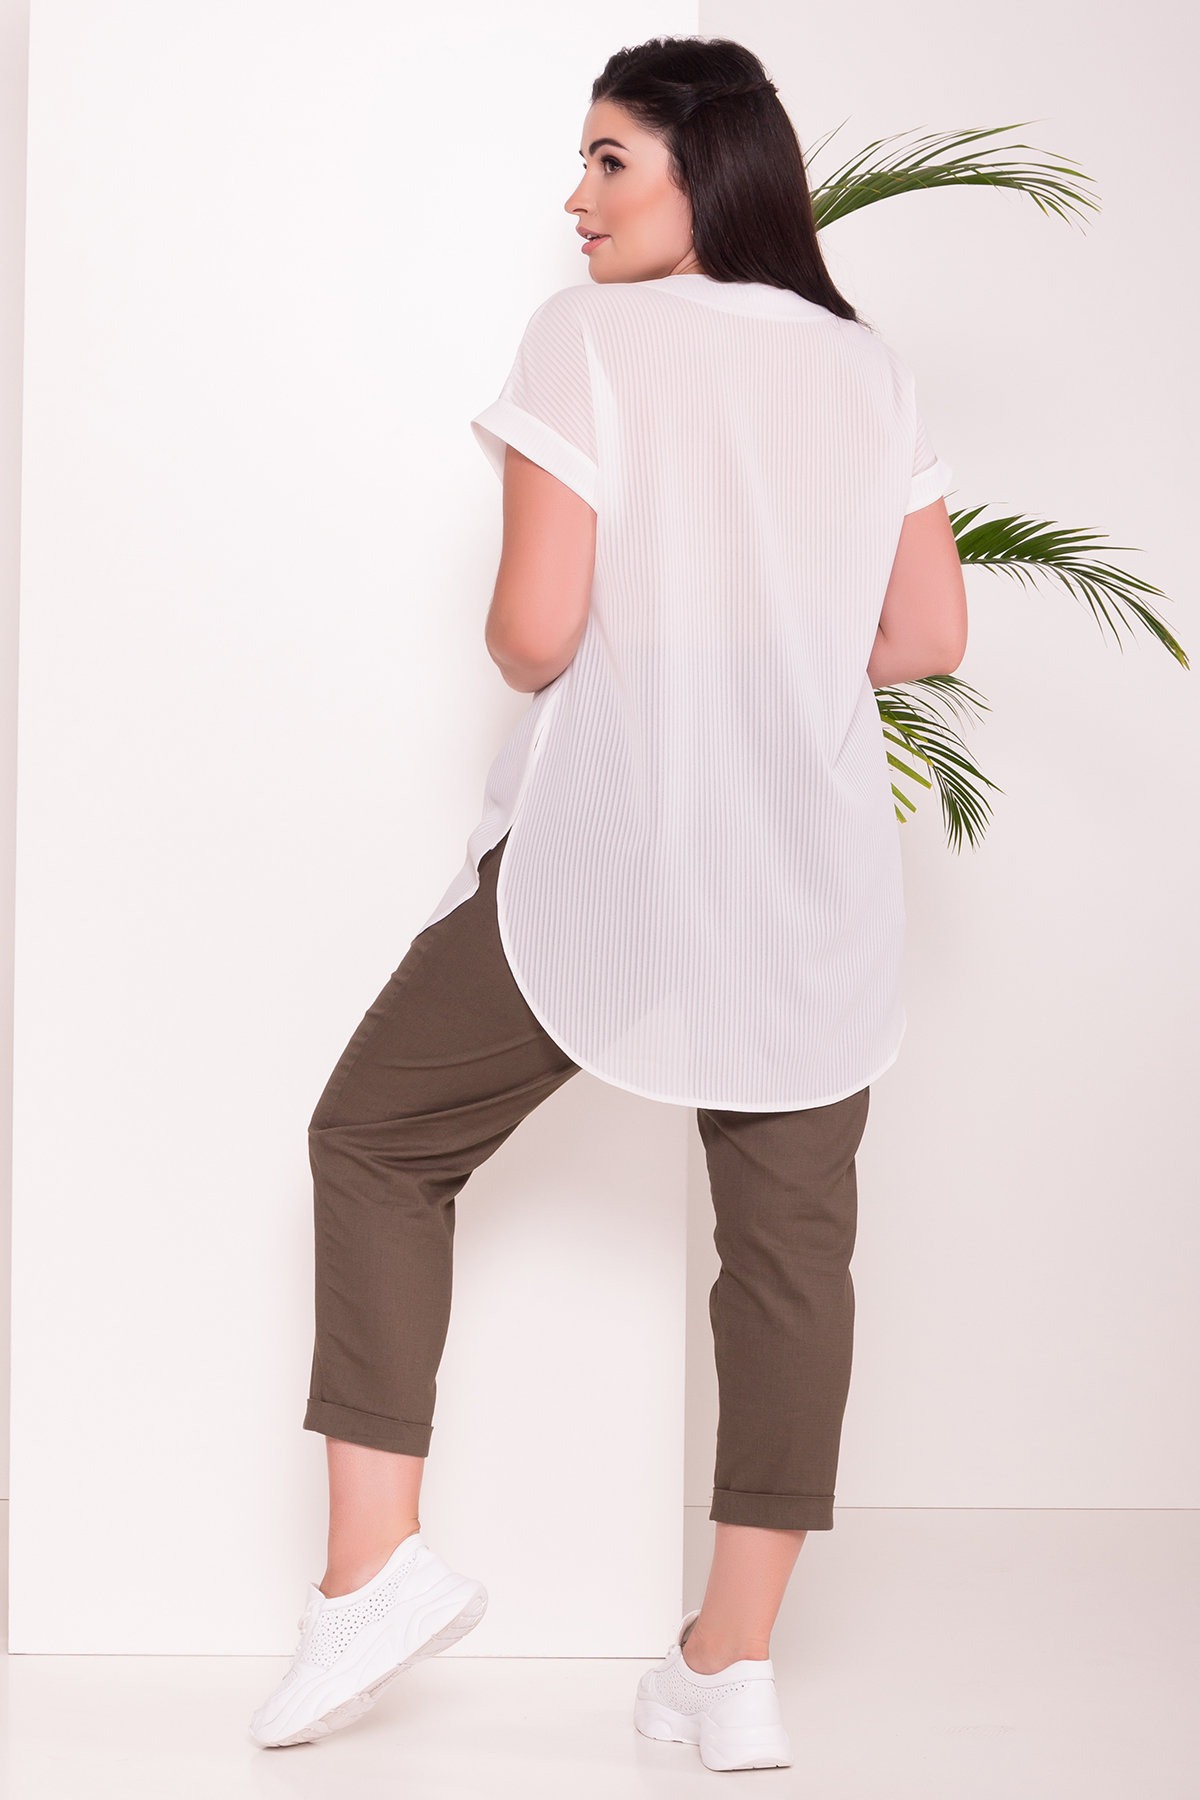 Блуза свободного кроя Алла DОNNA 7470 АРТ. 43286 Цвет: Полоска/молоко - фото 3, интернет магазин tm-modus.ru